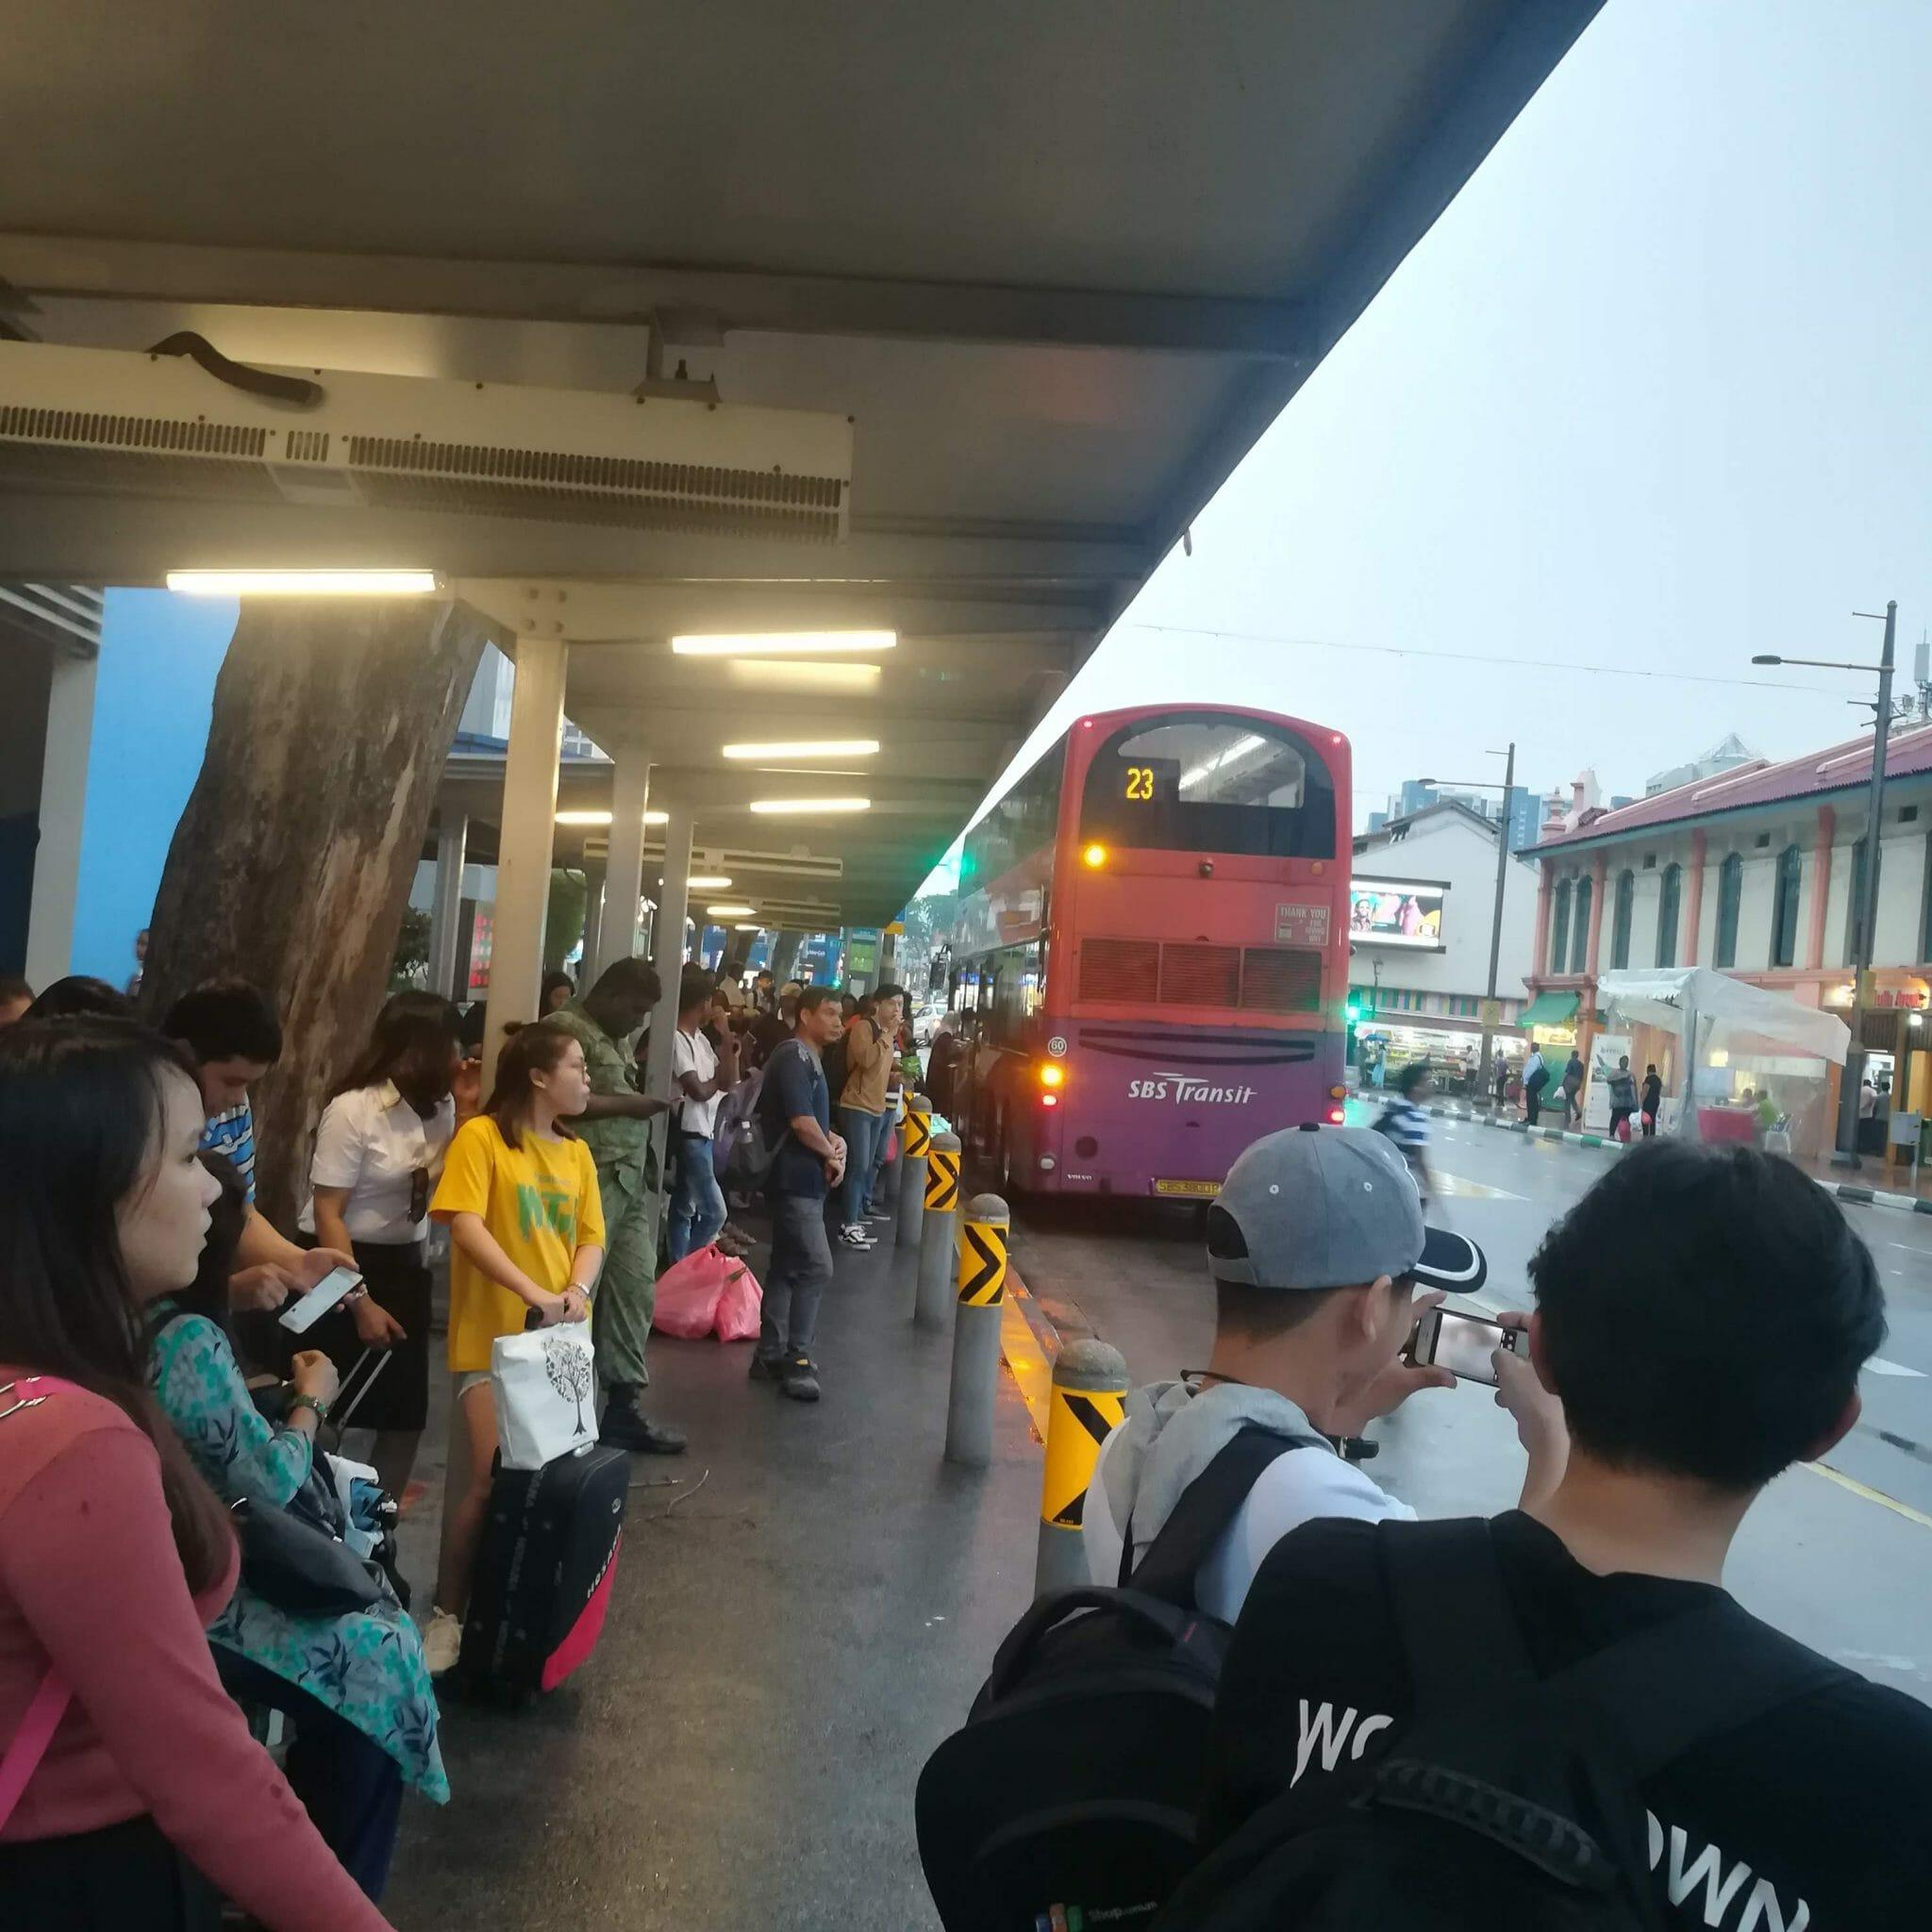 Nhóm đứng đợi xe Bus để đến khách sạ Mitraa Inn